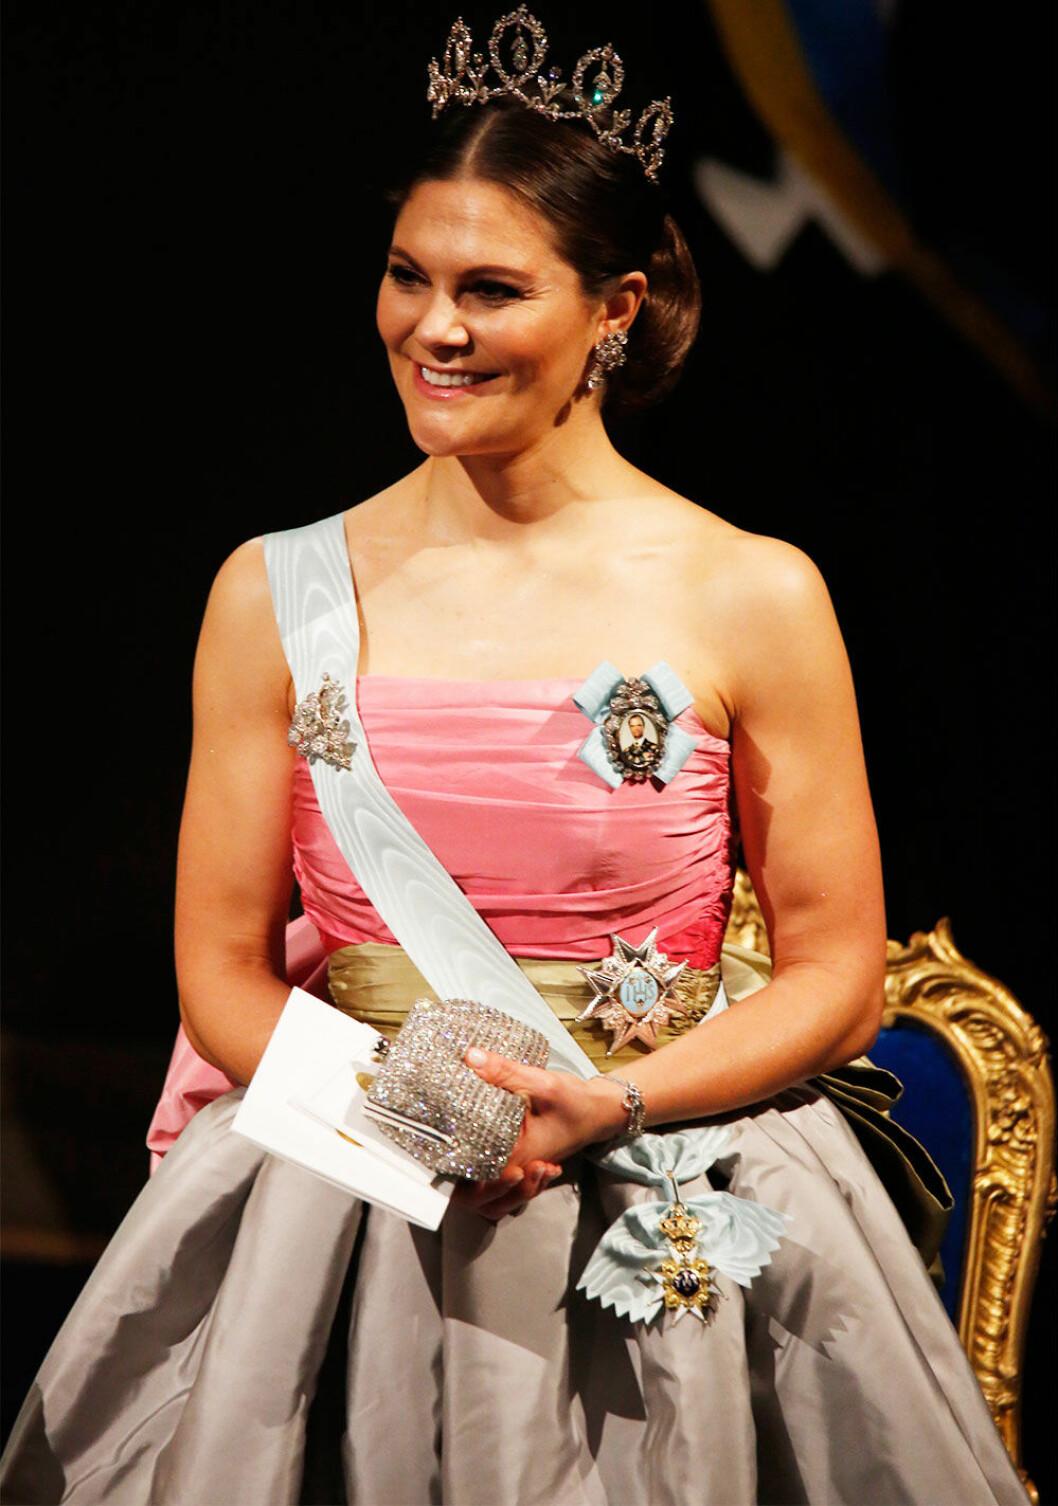 Kronprinsessan Victoria på Nobelfesten 2018